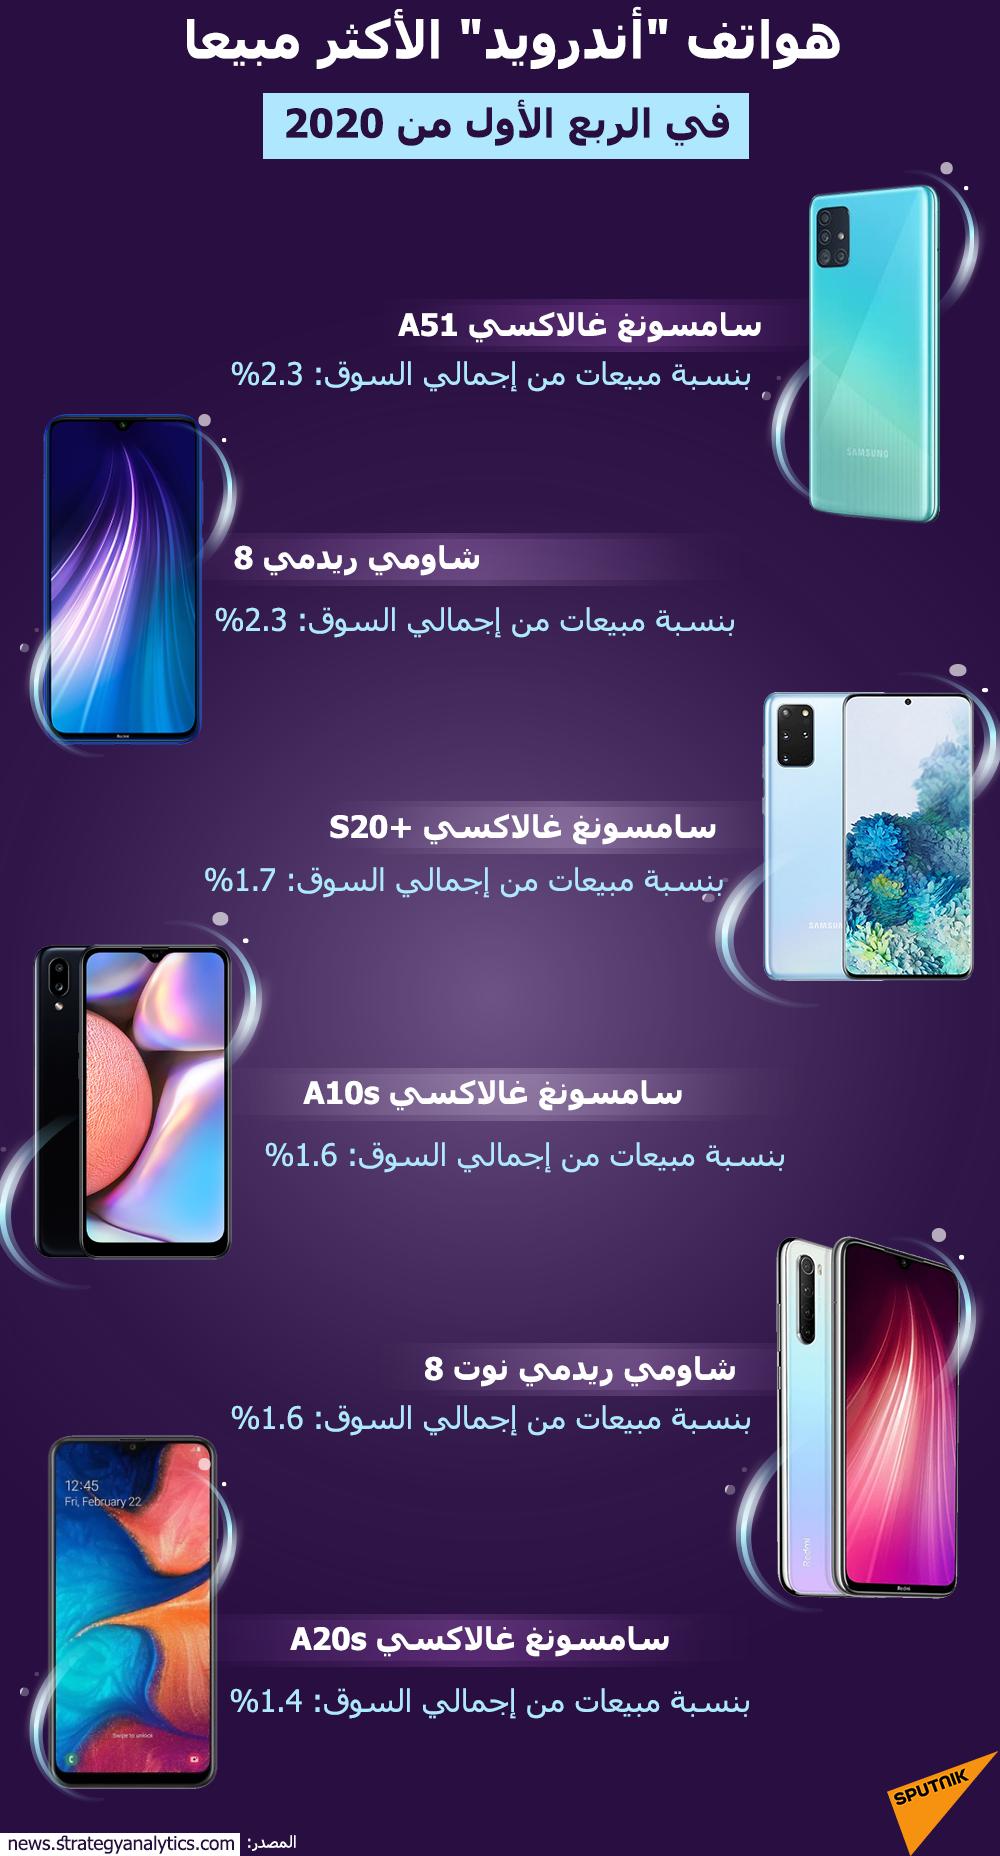 قائمة الأكثر مبيعا لهواتف الأندرويد في الربع الأول من 2020